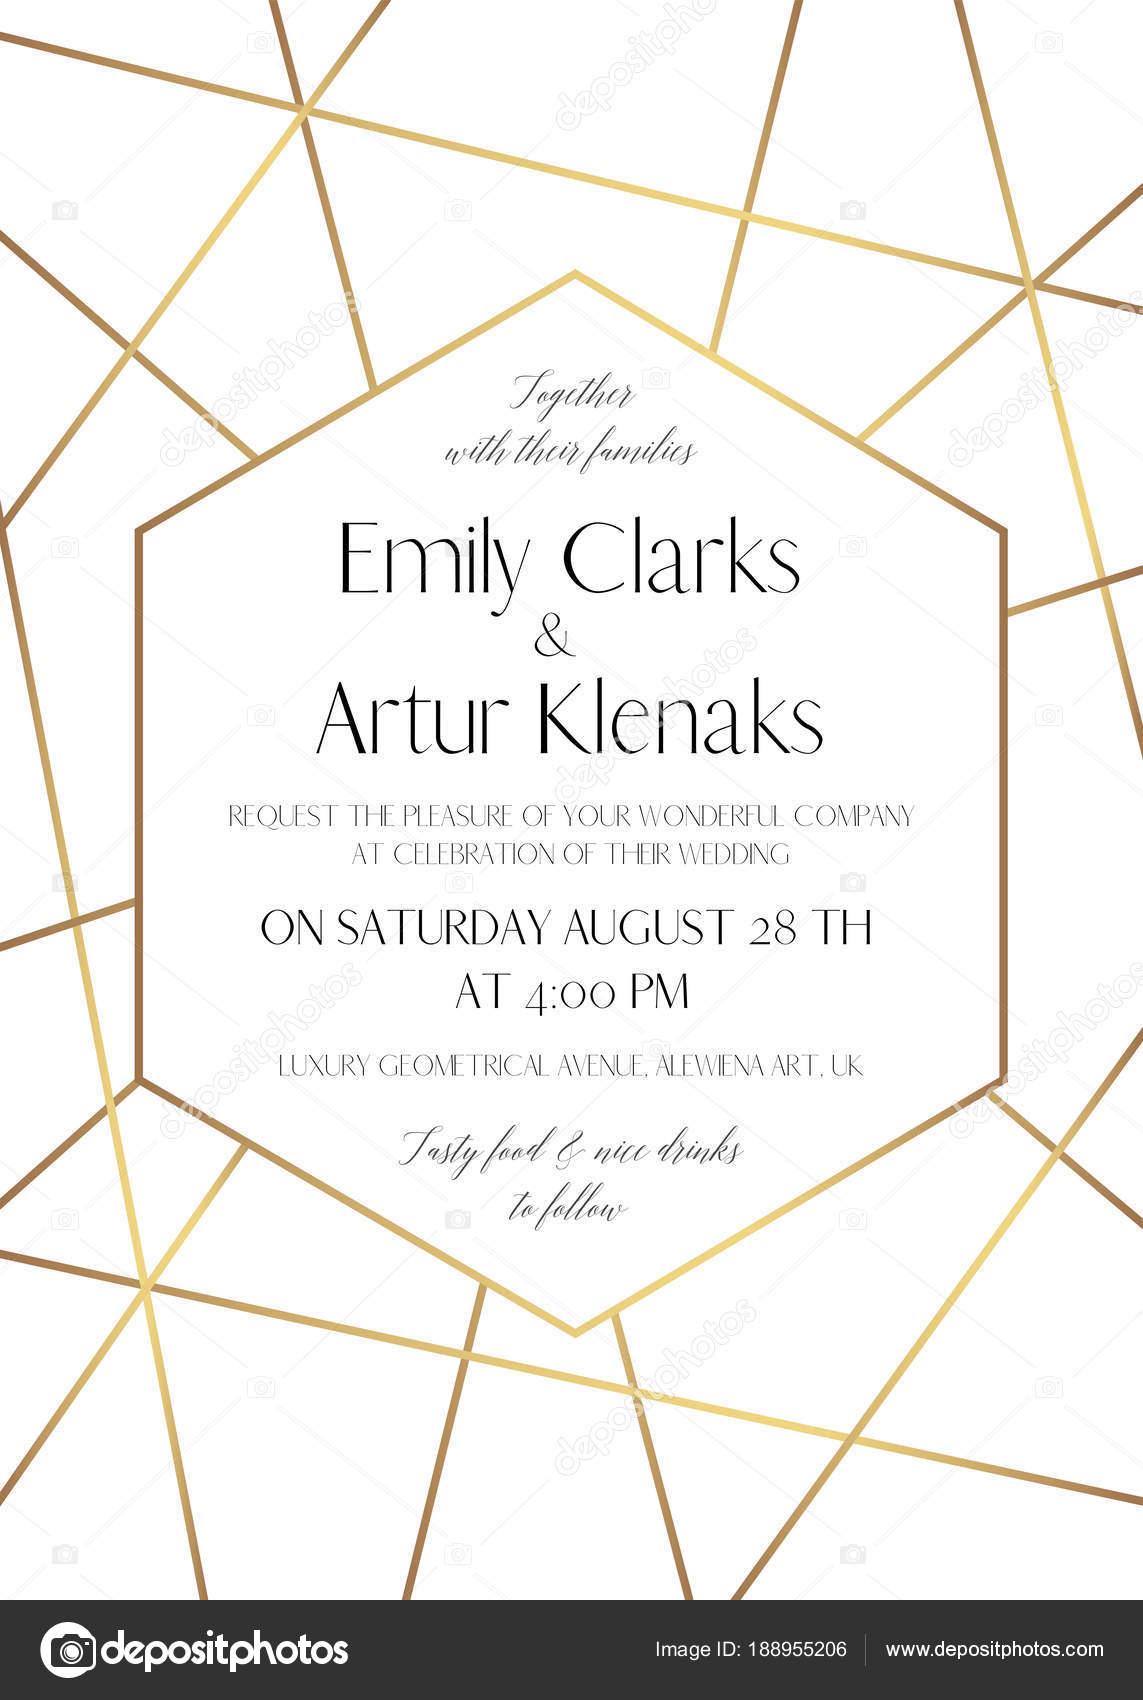 Hochzeitseinladung, speichern das Datum Karte filigranes Design mit ...